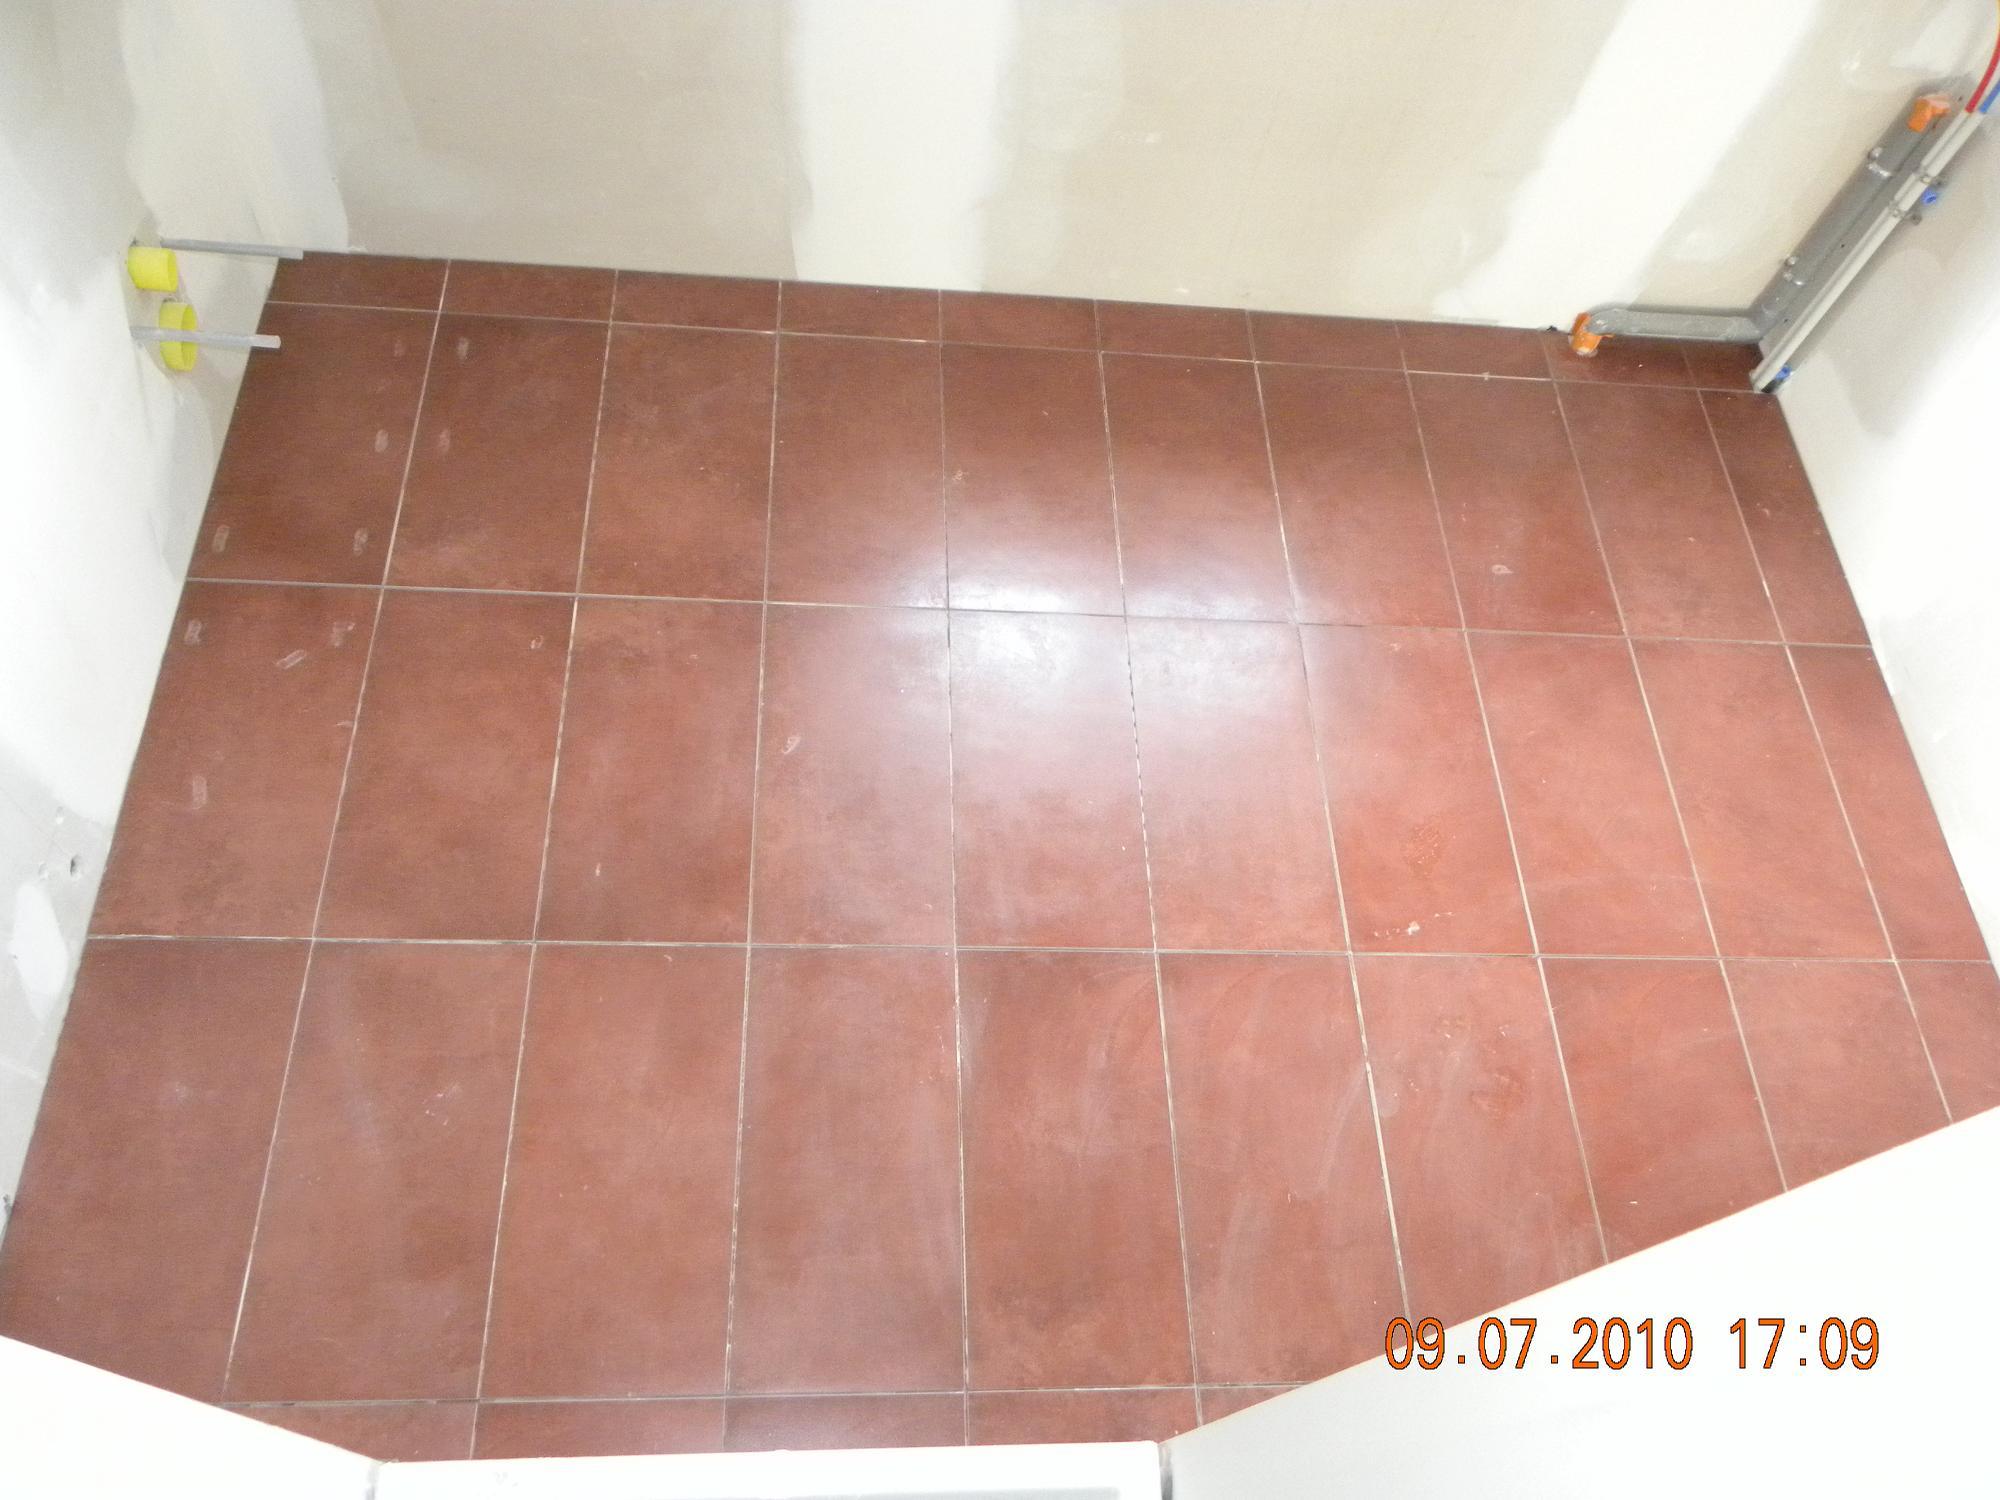 Carrelage couleur bordeaux dans la salle de bains for Couleur de carrelage salle de bain